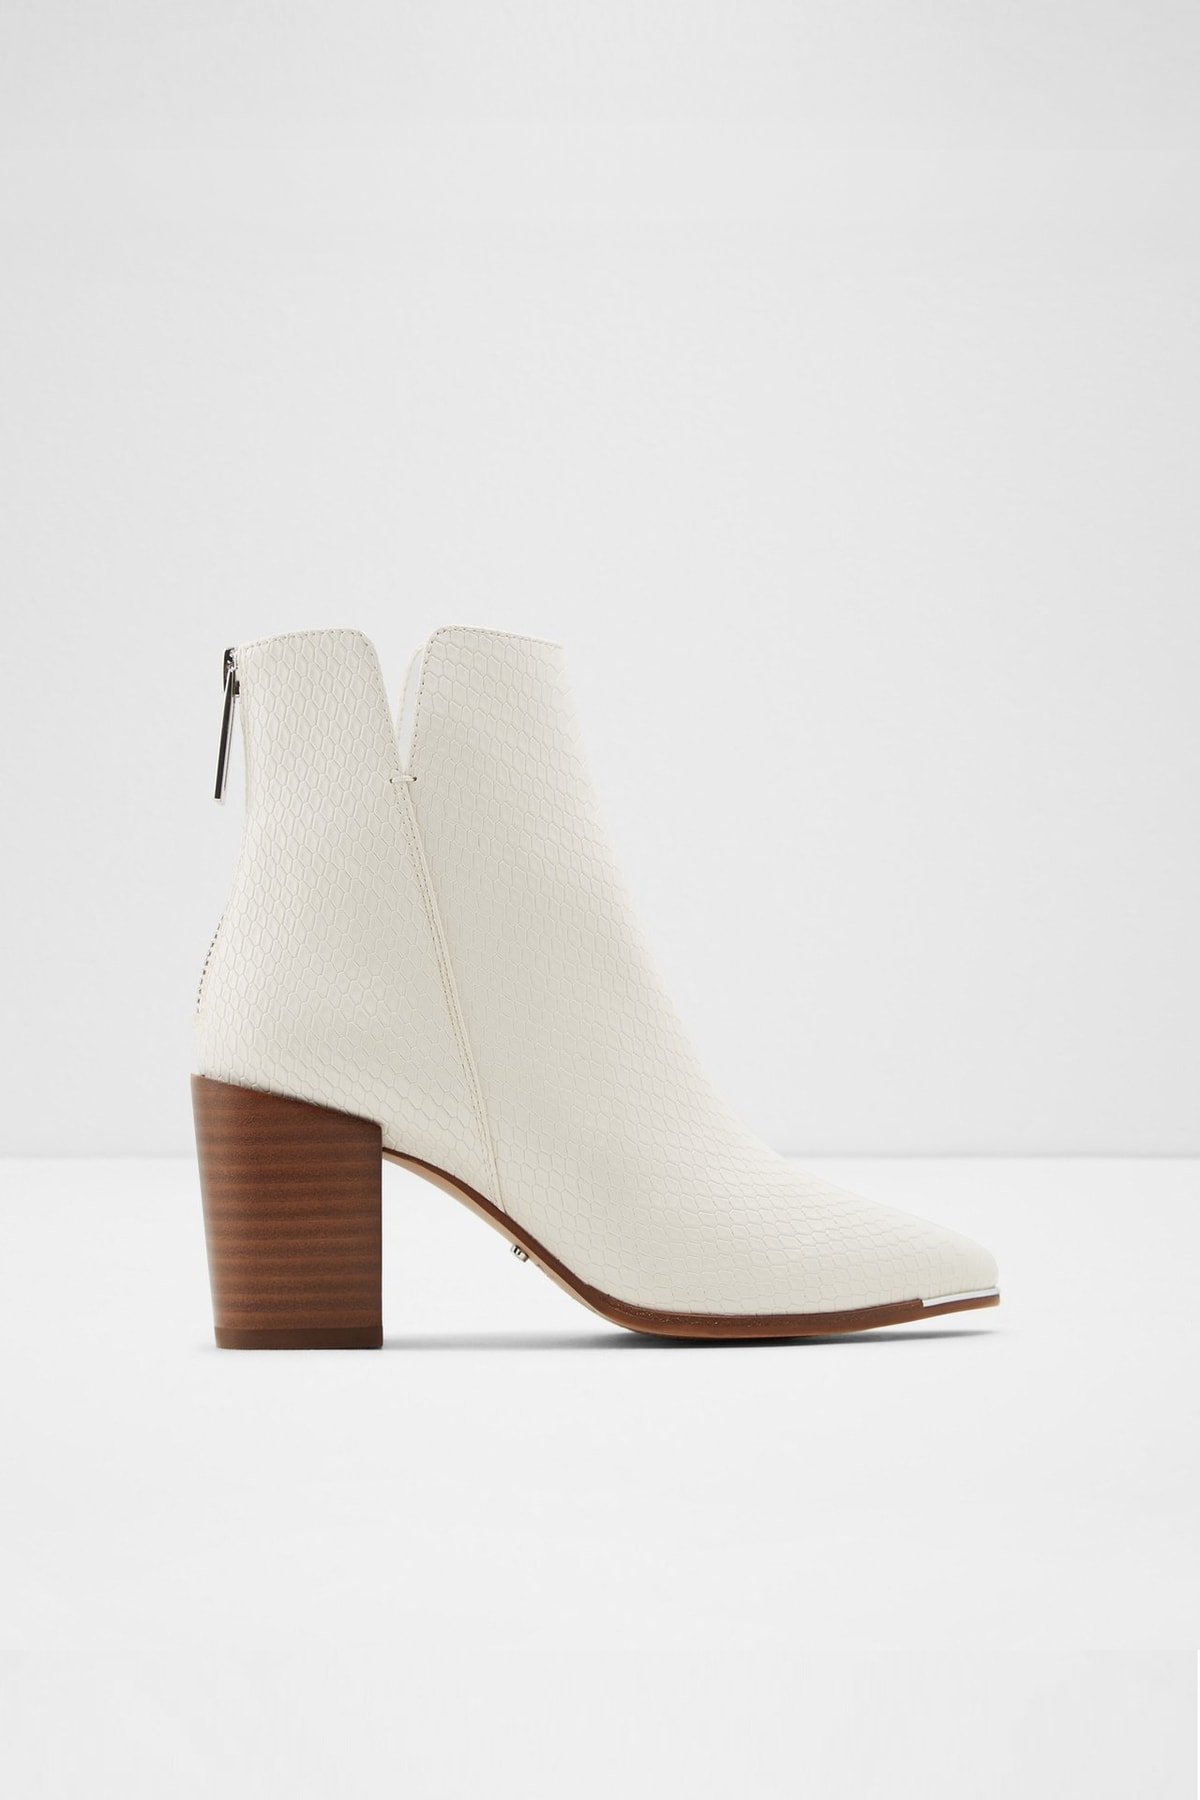 Aldo Janeeceflex - Beyaz Kadın Bot & Bootie 1